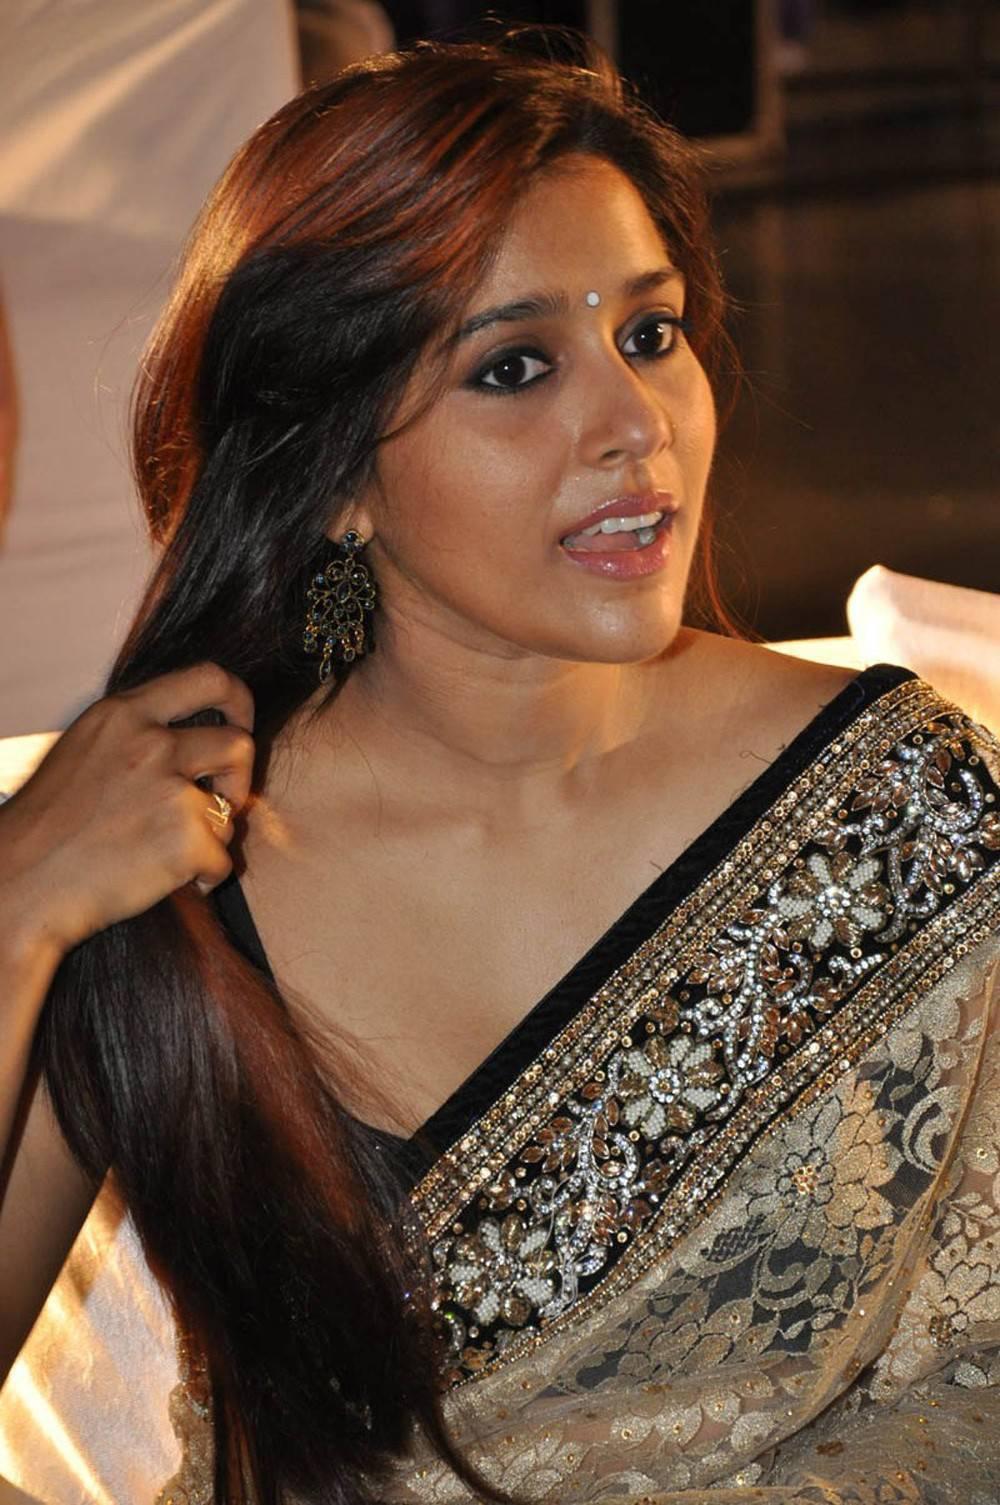 South Indian Actress Rashmi Gautam 18 Latest Cute Photos in Saree ...